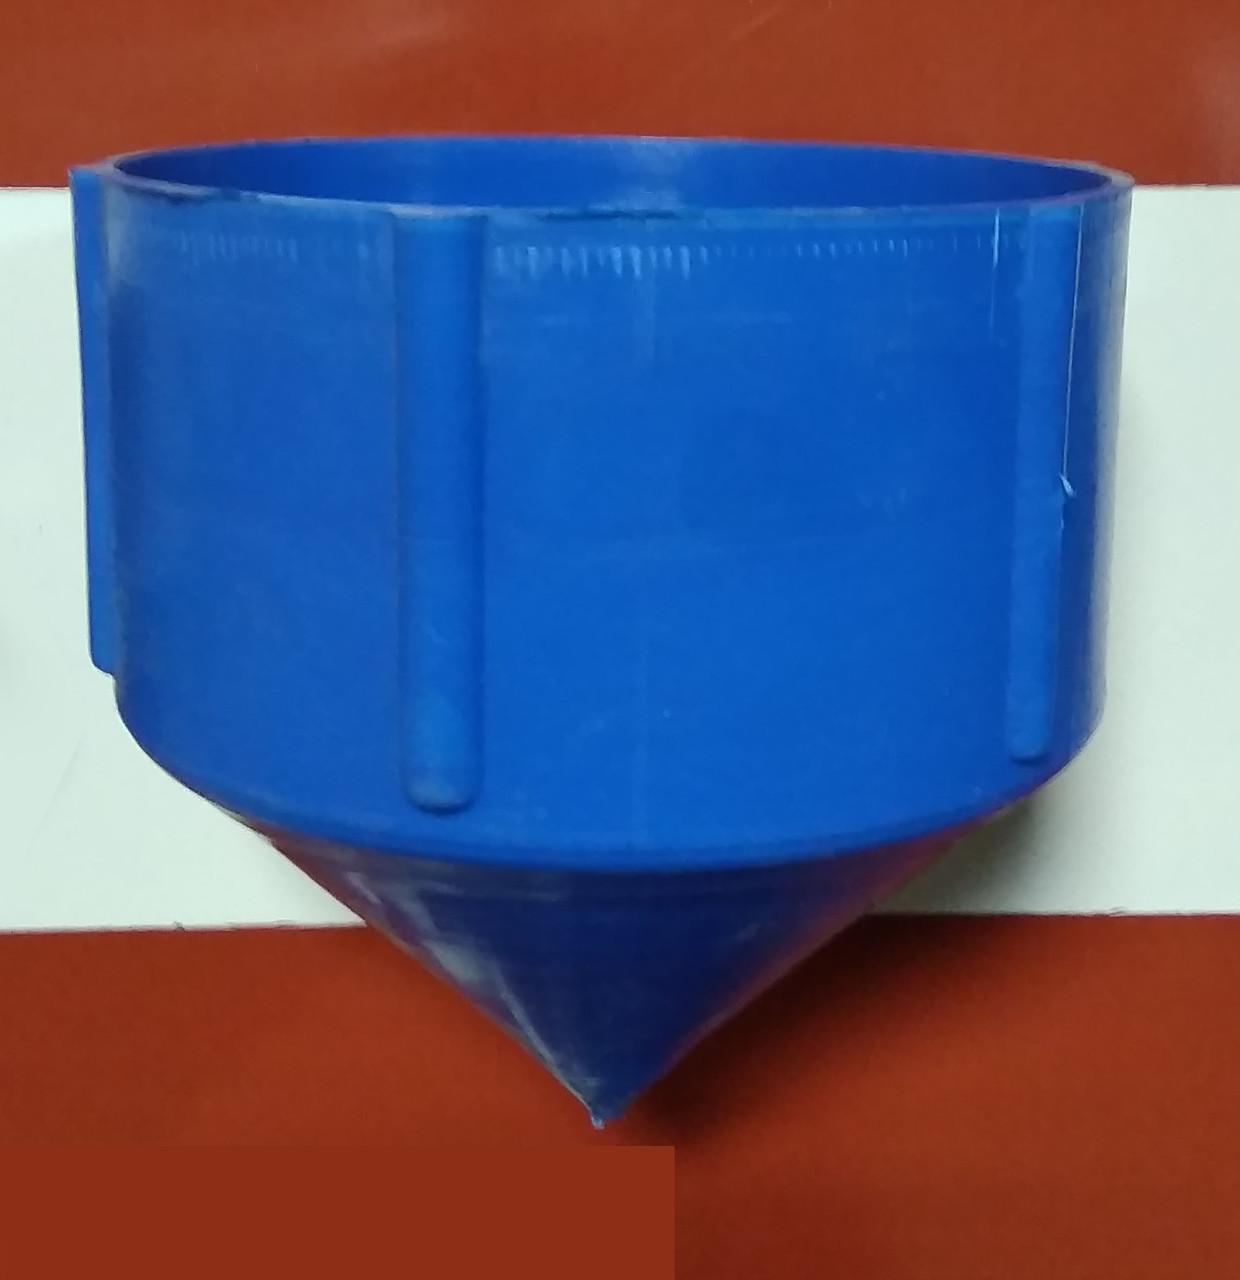 Заглушка для скважинной трубы «нижняя» на резьбе Ø 125 мм